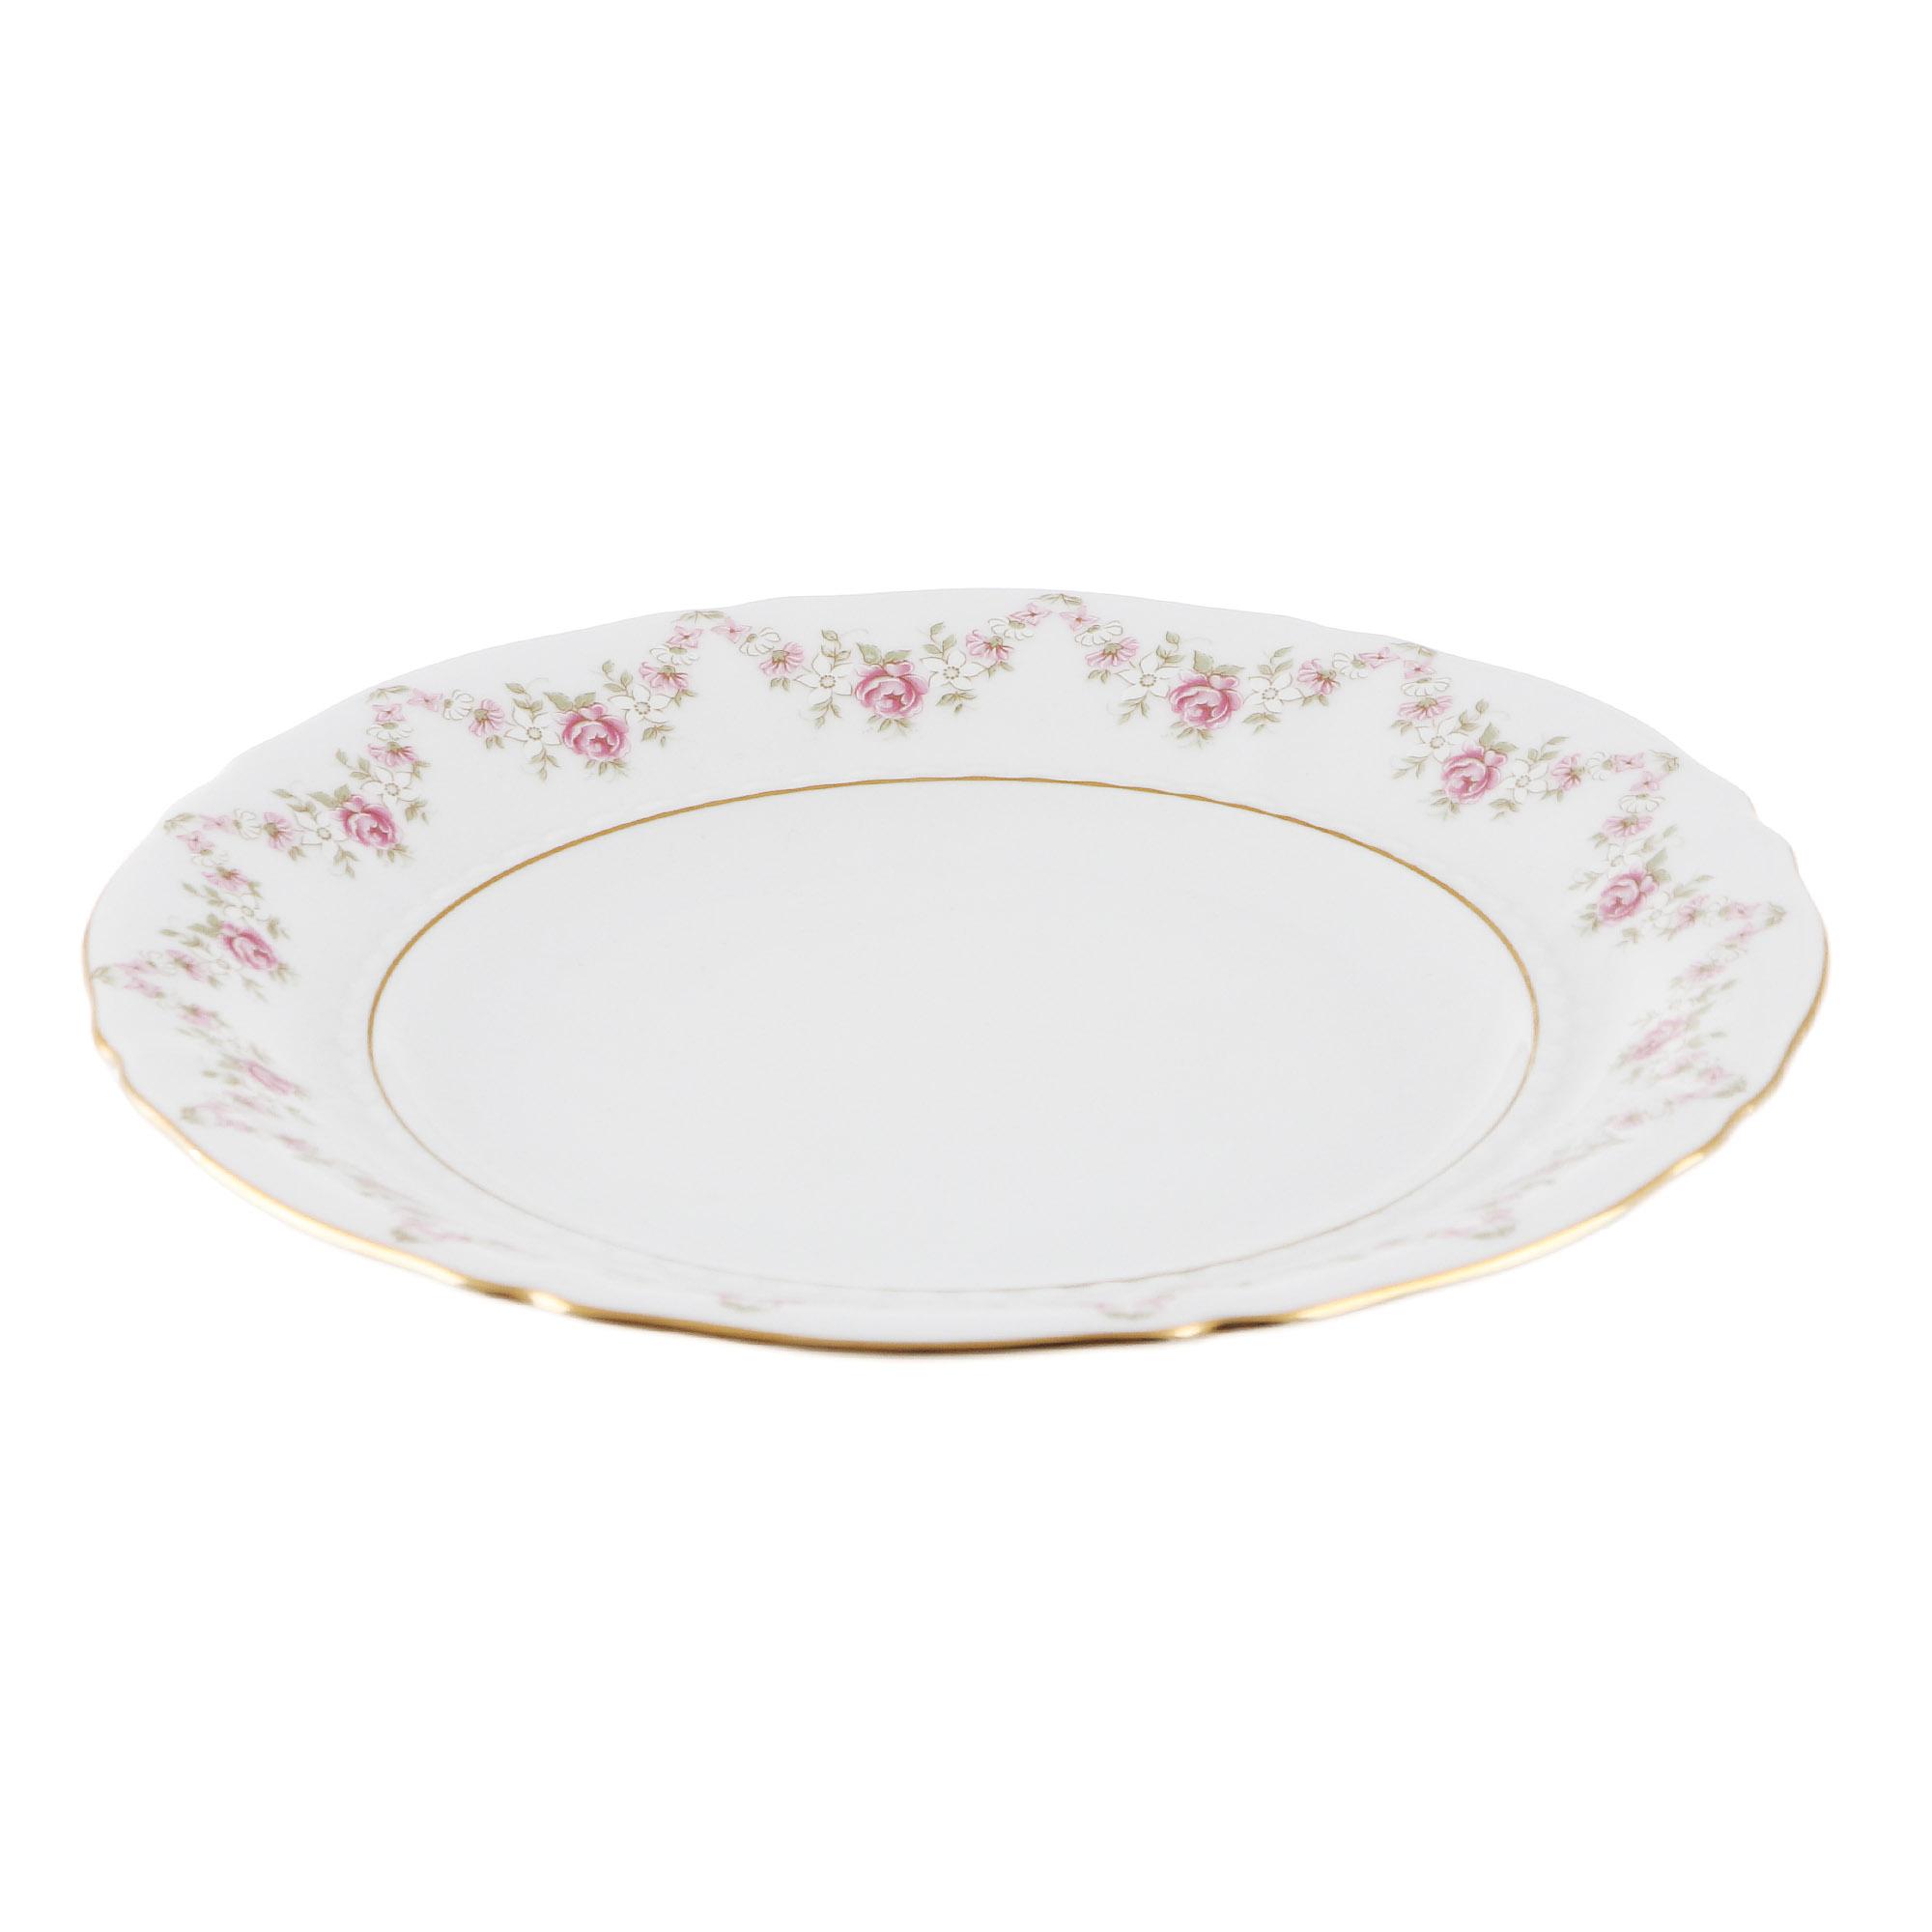 Набор десертных тарелок Leander Соната 19 см 6 шт.